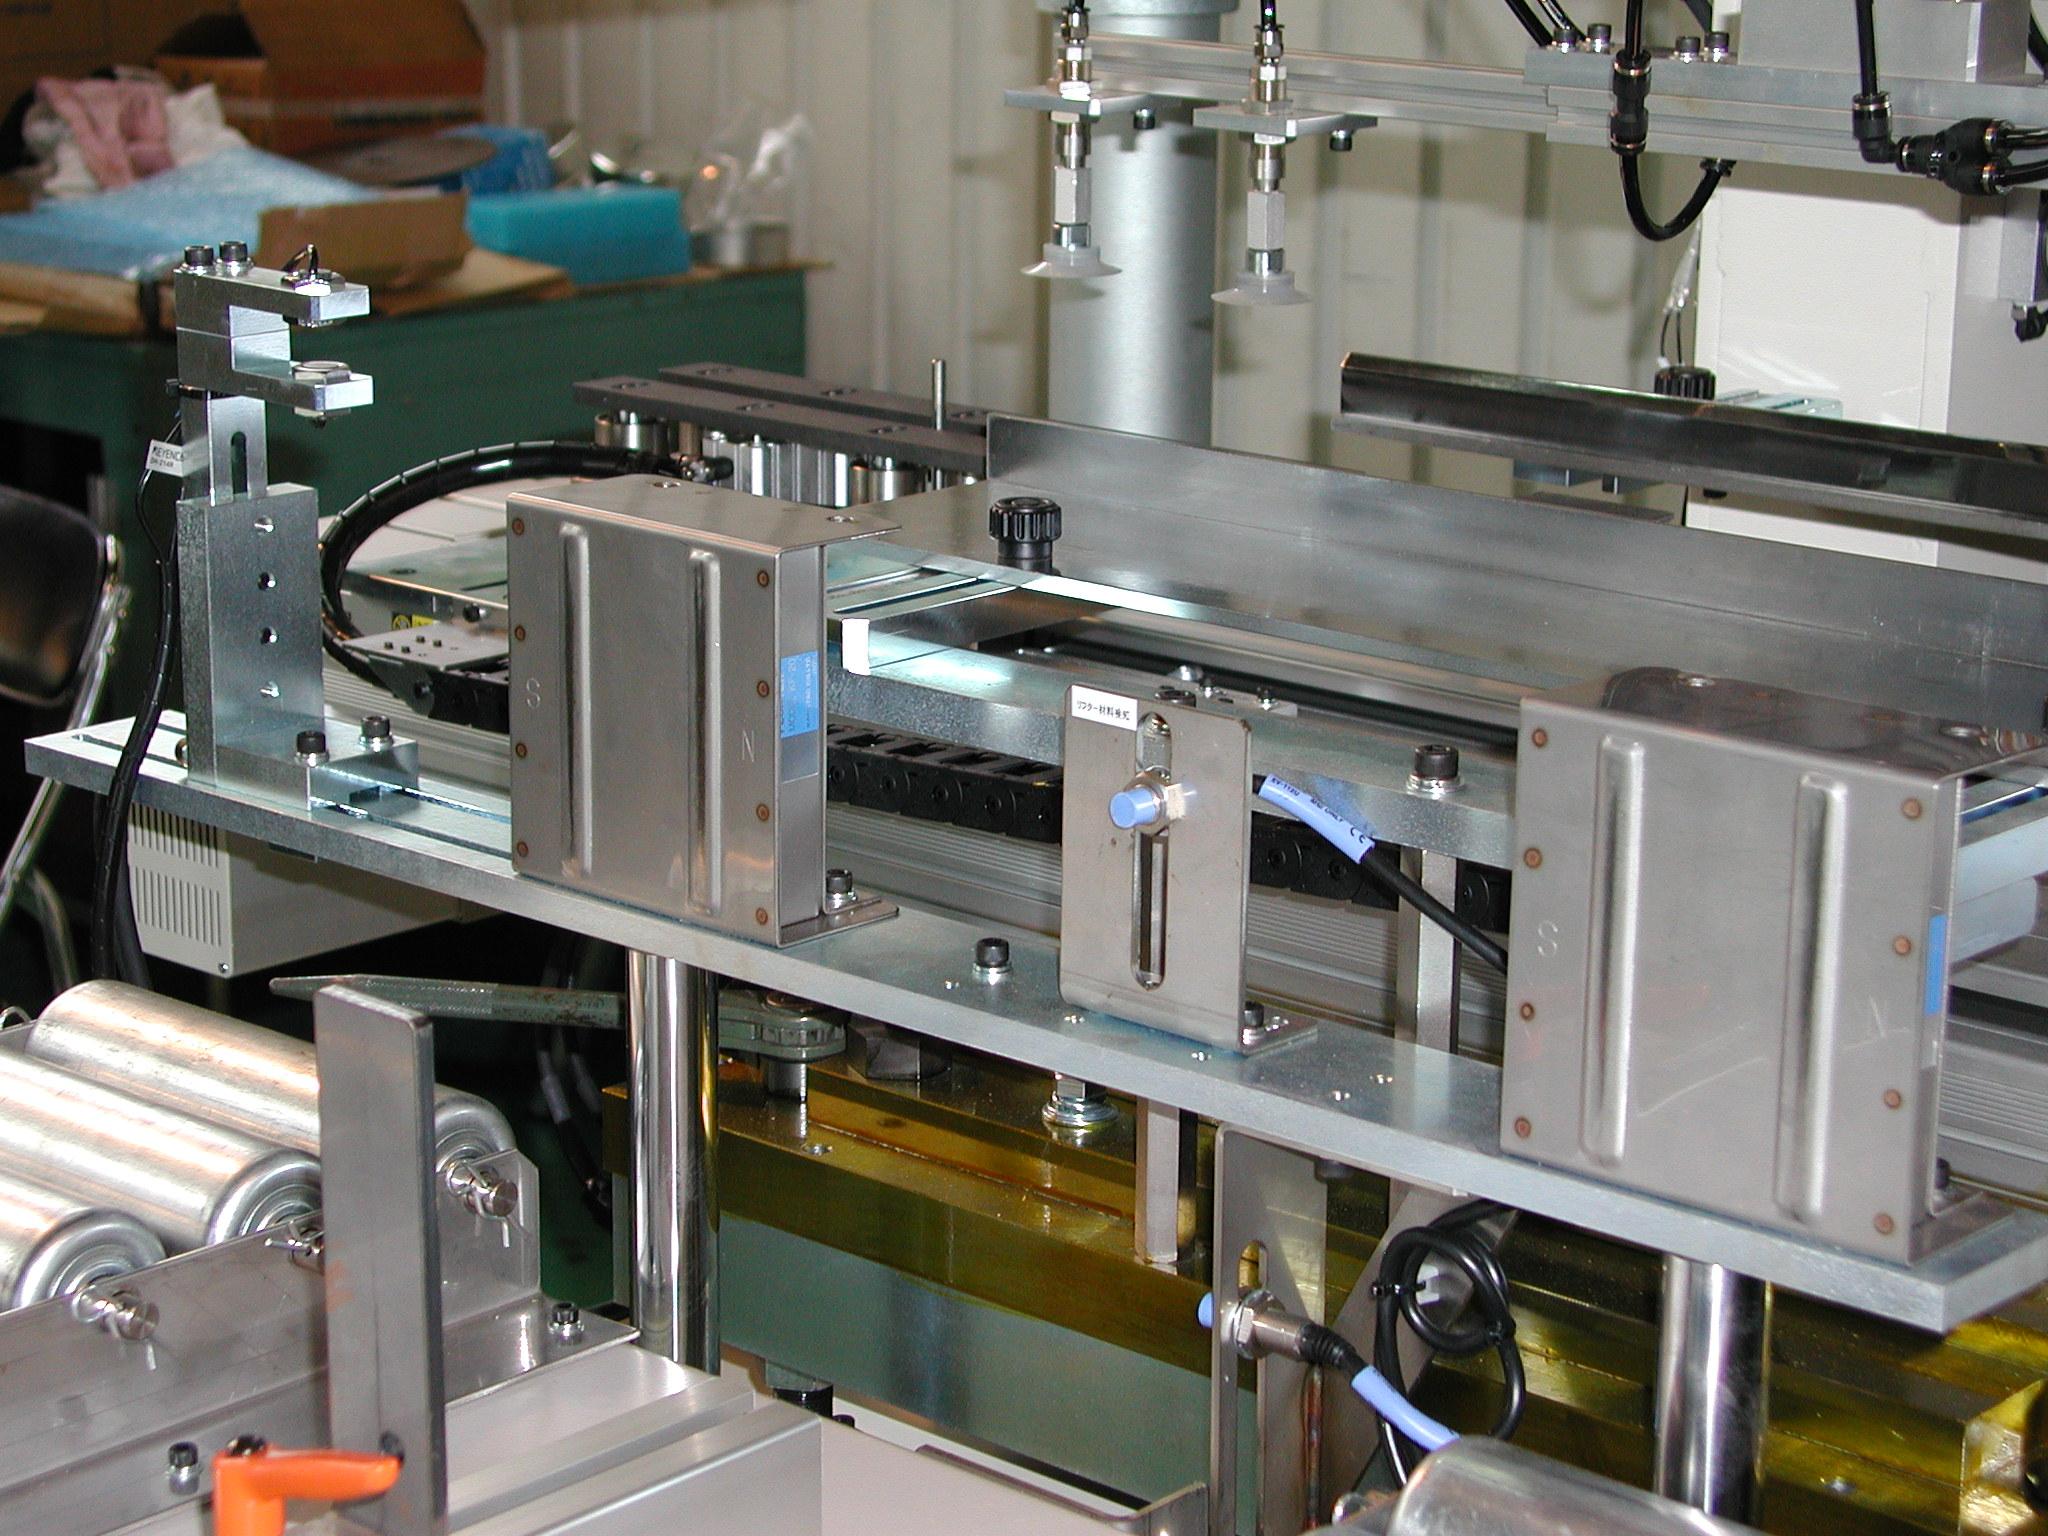 製缶プレス自動送り装置 クランプ式平行2軸NC制御 供給3軸仕様